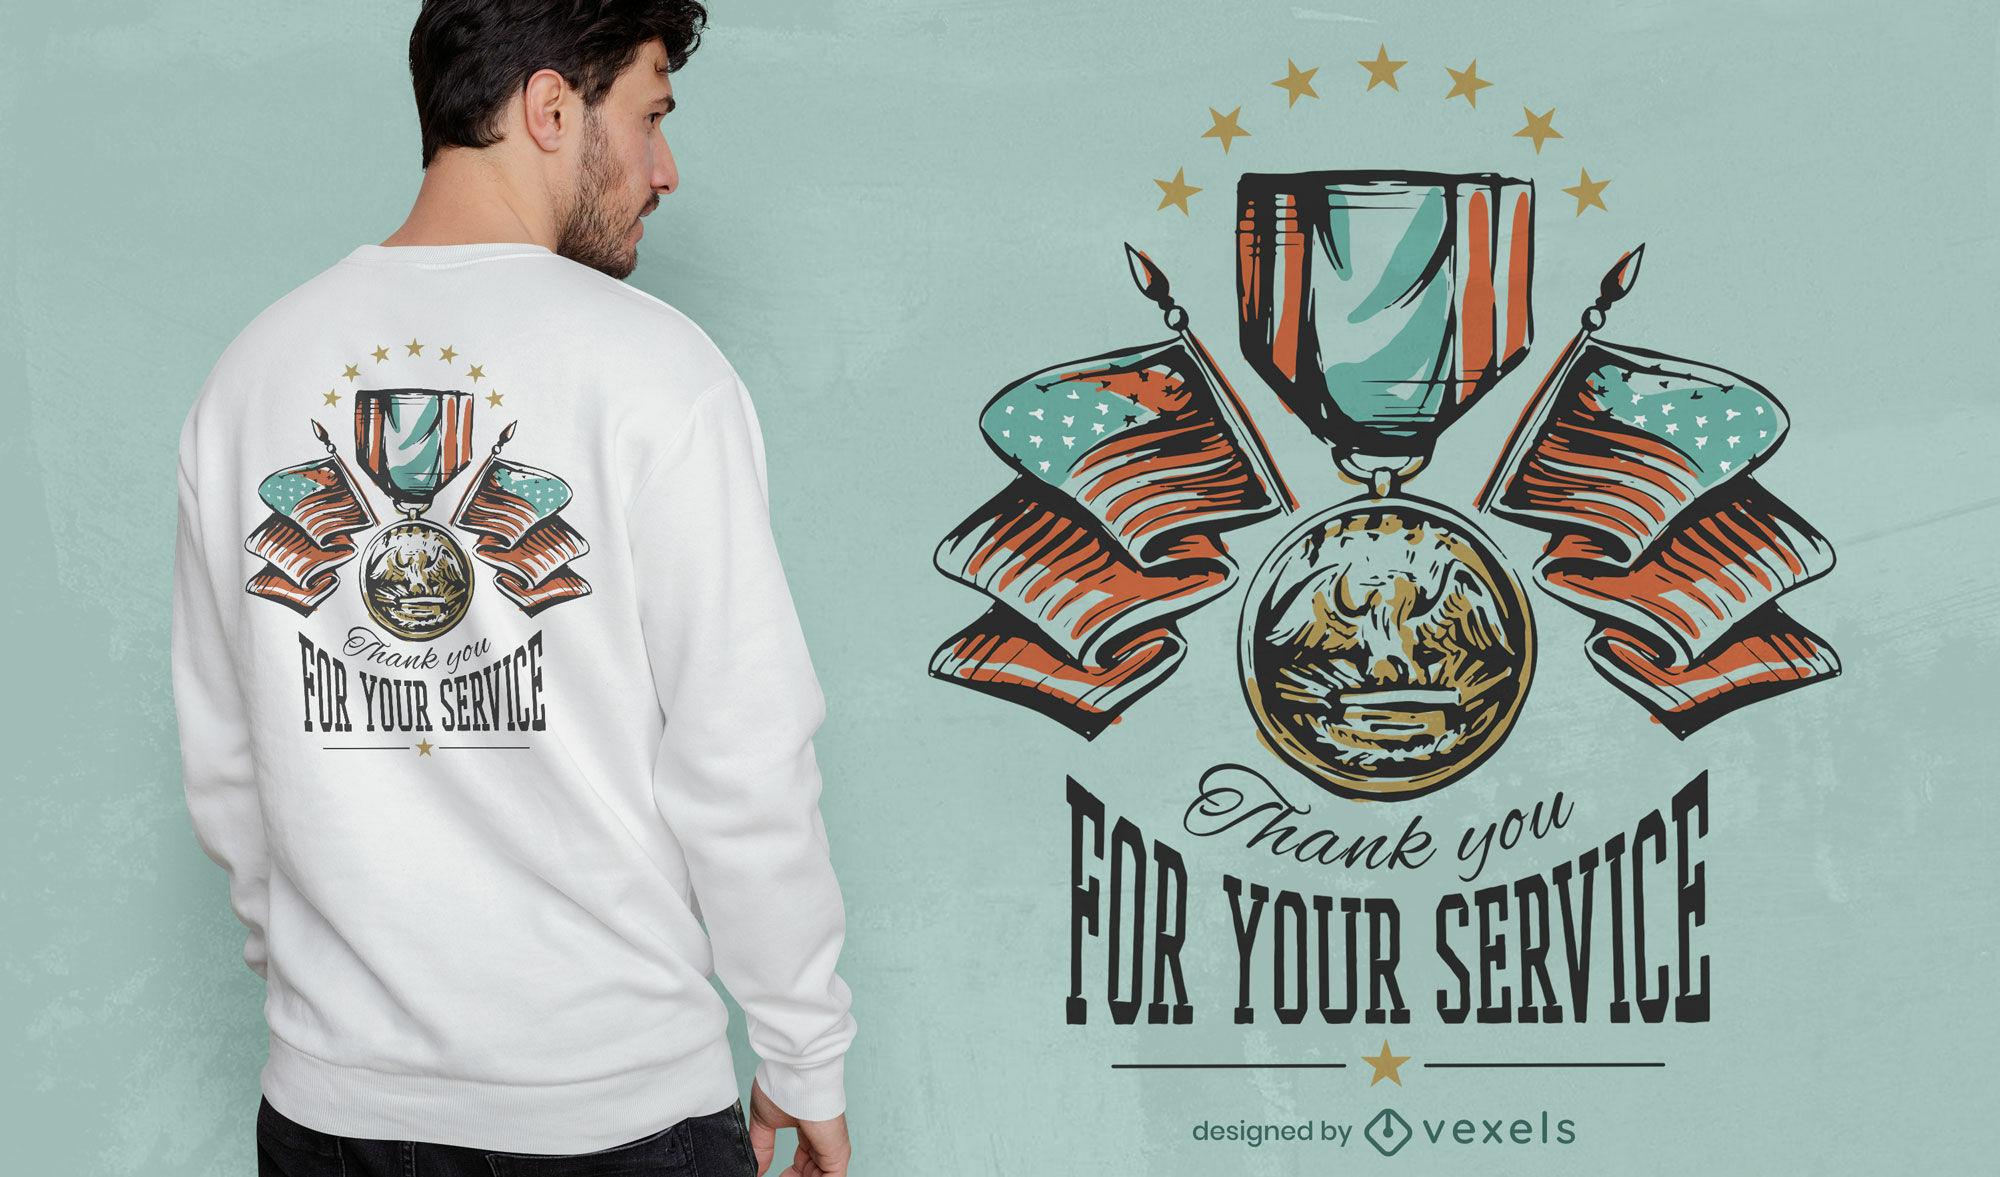 Yhank you veterans t-shirt design